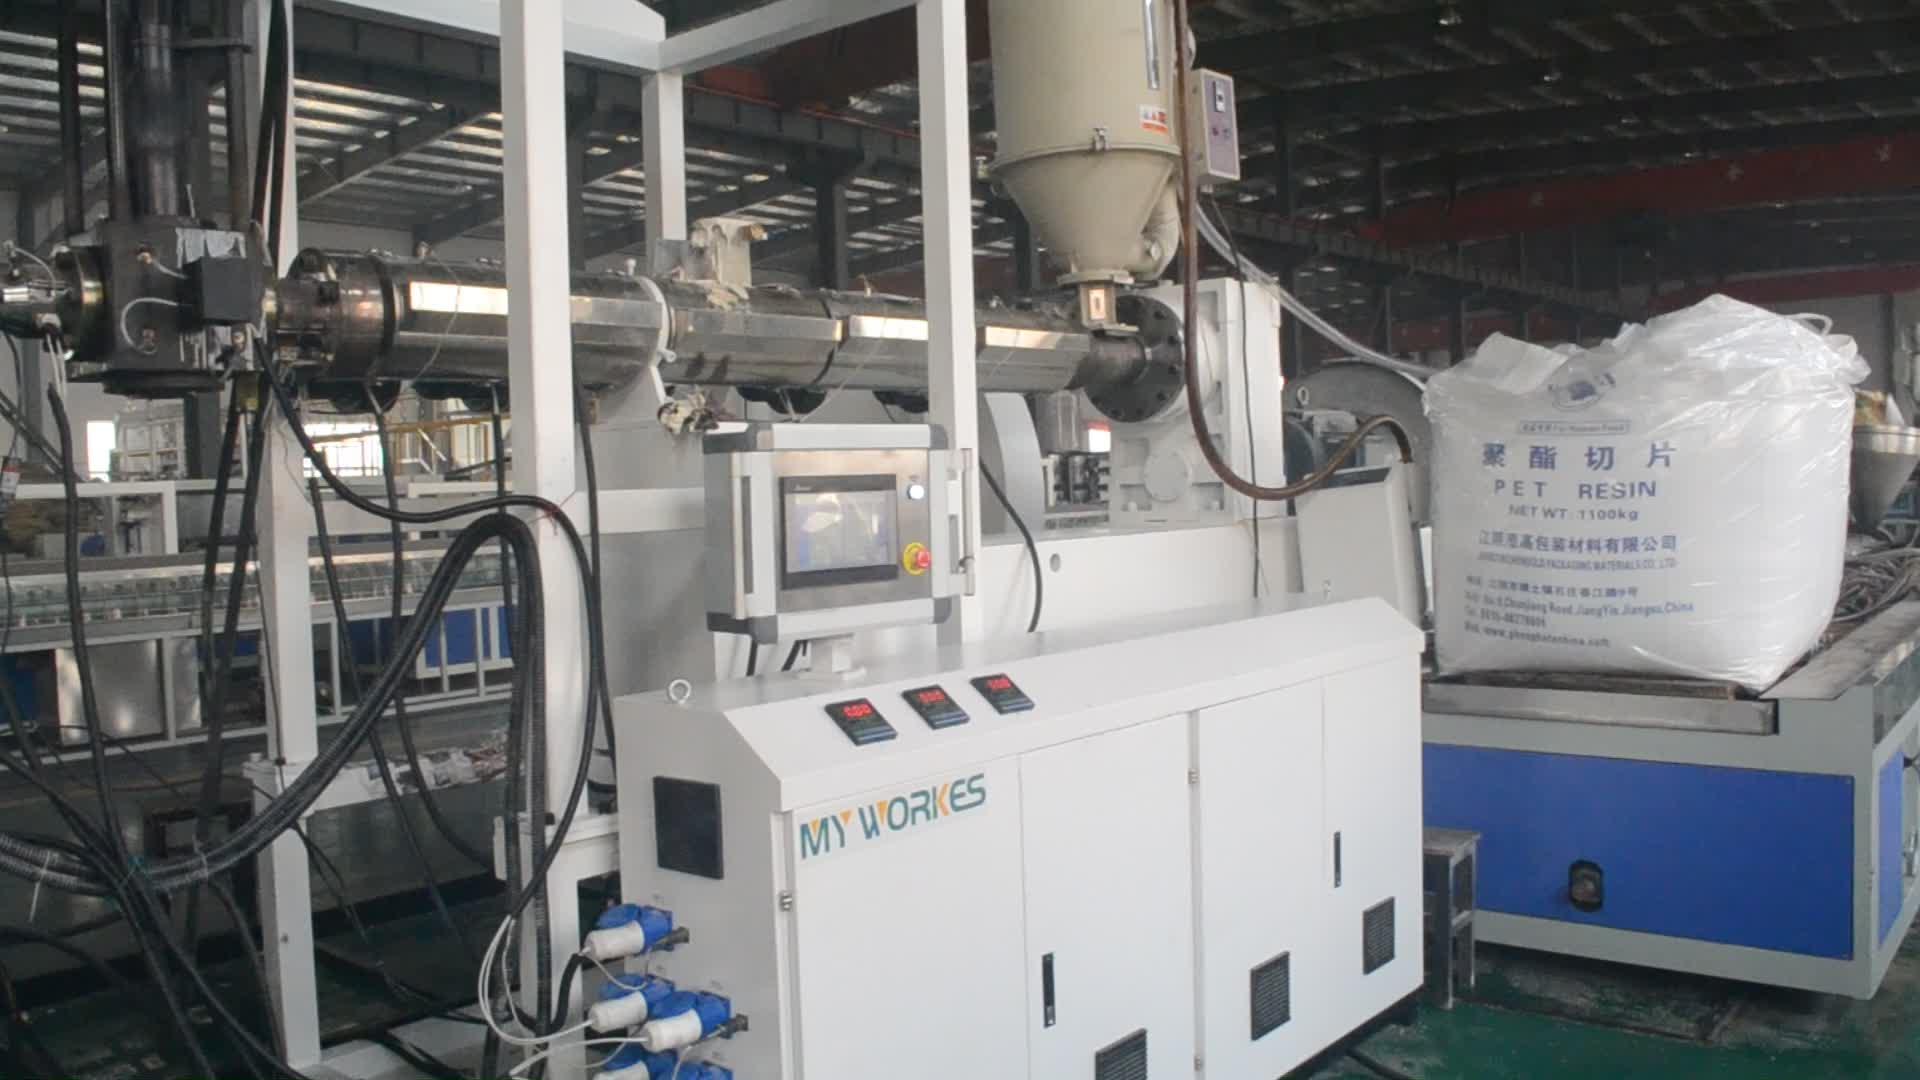 Pet kunststoff blatt produkt extrusion linie für thermo